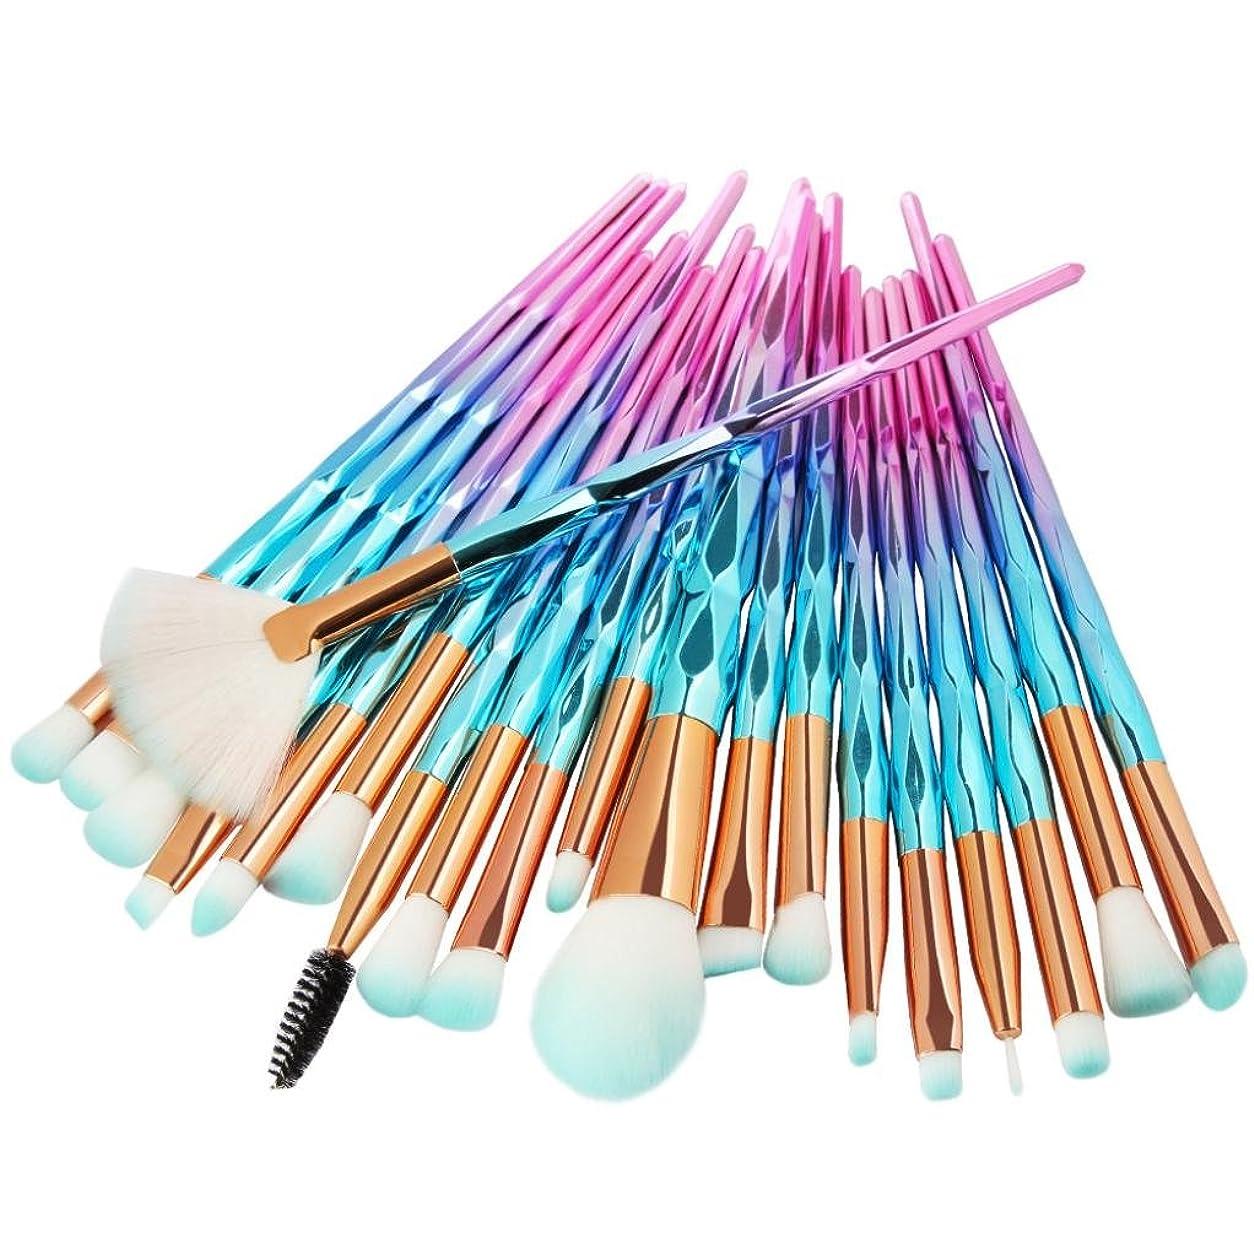 ふつう先にスチュアート島Feteso メイクブラシ メイクブラシセット 多色 20 本セット 人気 化粧ブラシ ふわふわ 敏感肌適用 メイク道具 プレゼント アイシャドウ アイライナー Makeup Brushes Set